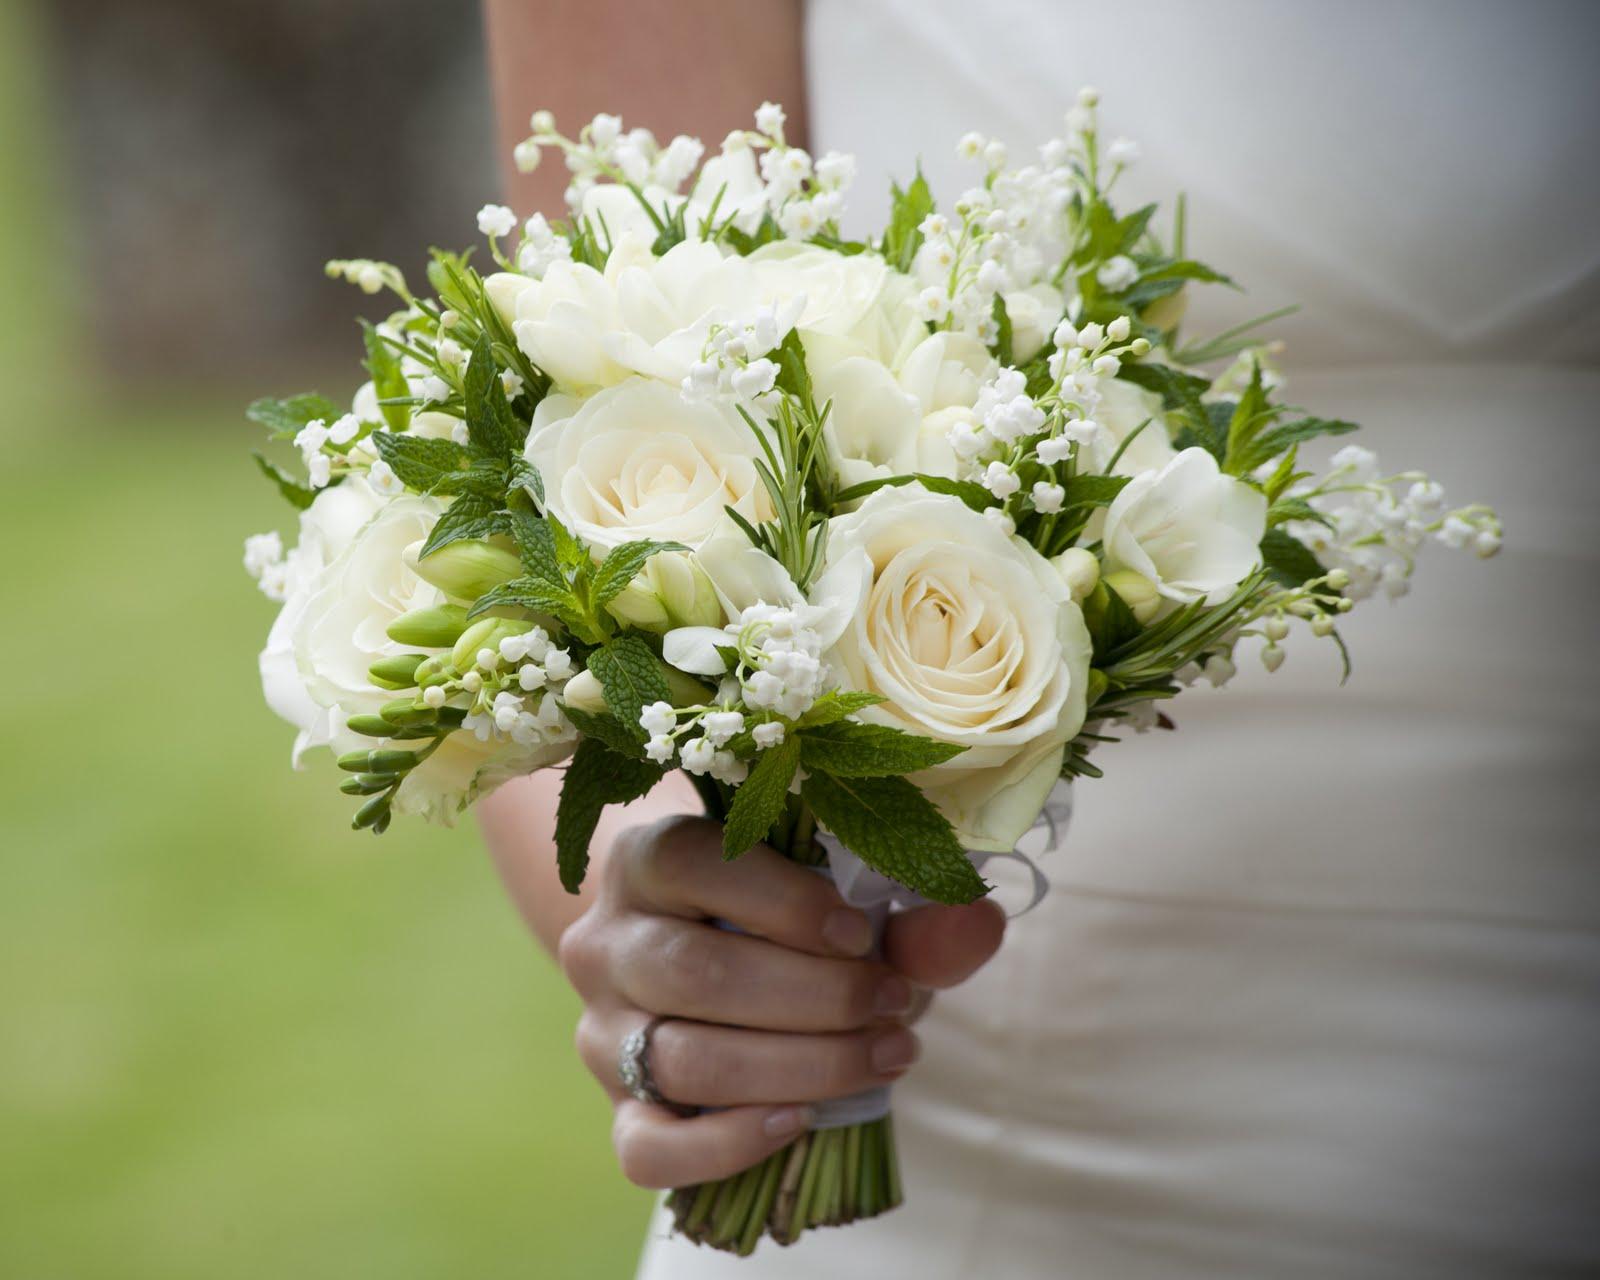 Mẫu hoa cầm tay cô dâu đẹp trong ngày cưới